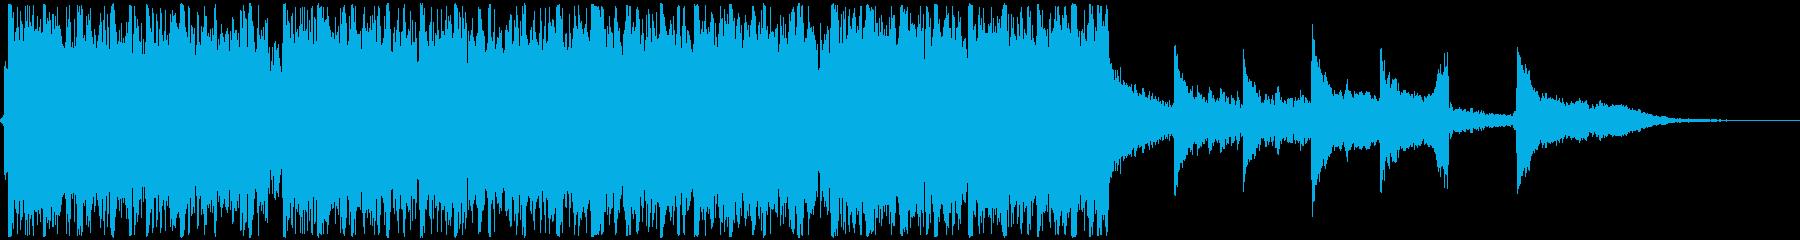 荘厳な合唱と優しいシネマチック60秒の再生済みの波形